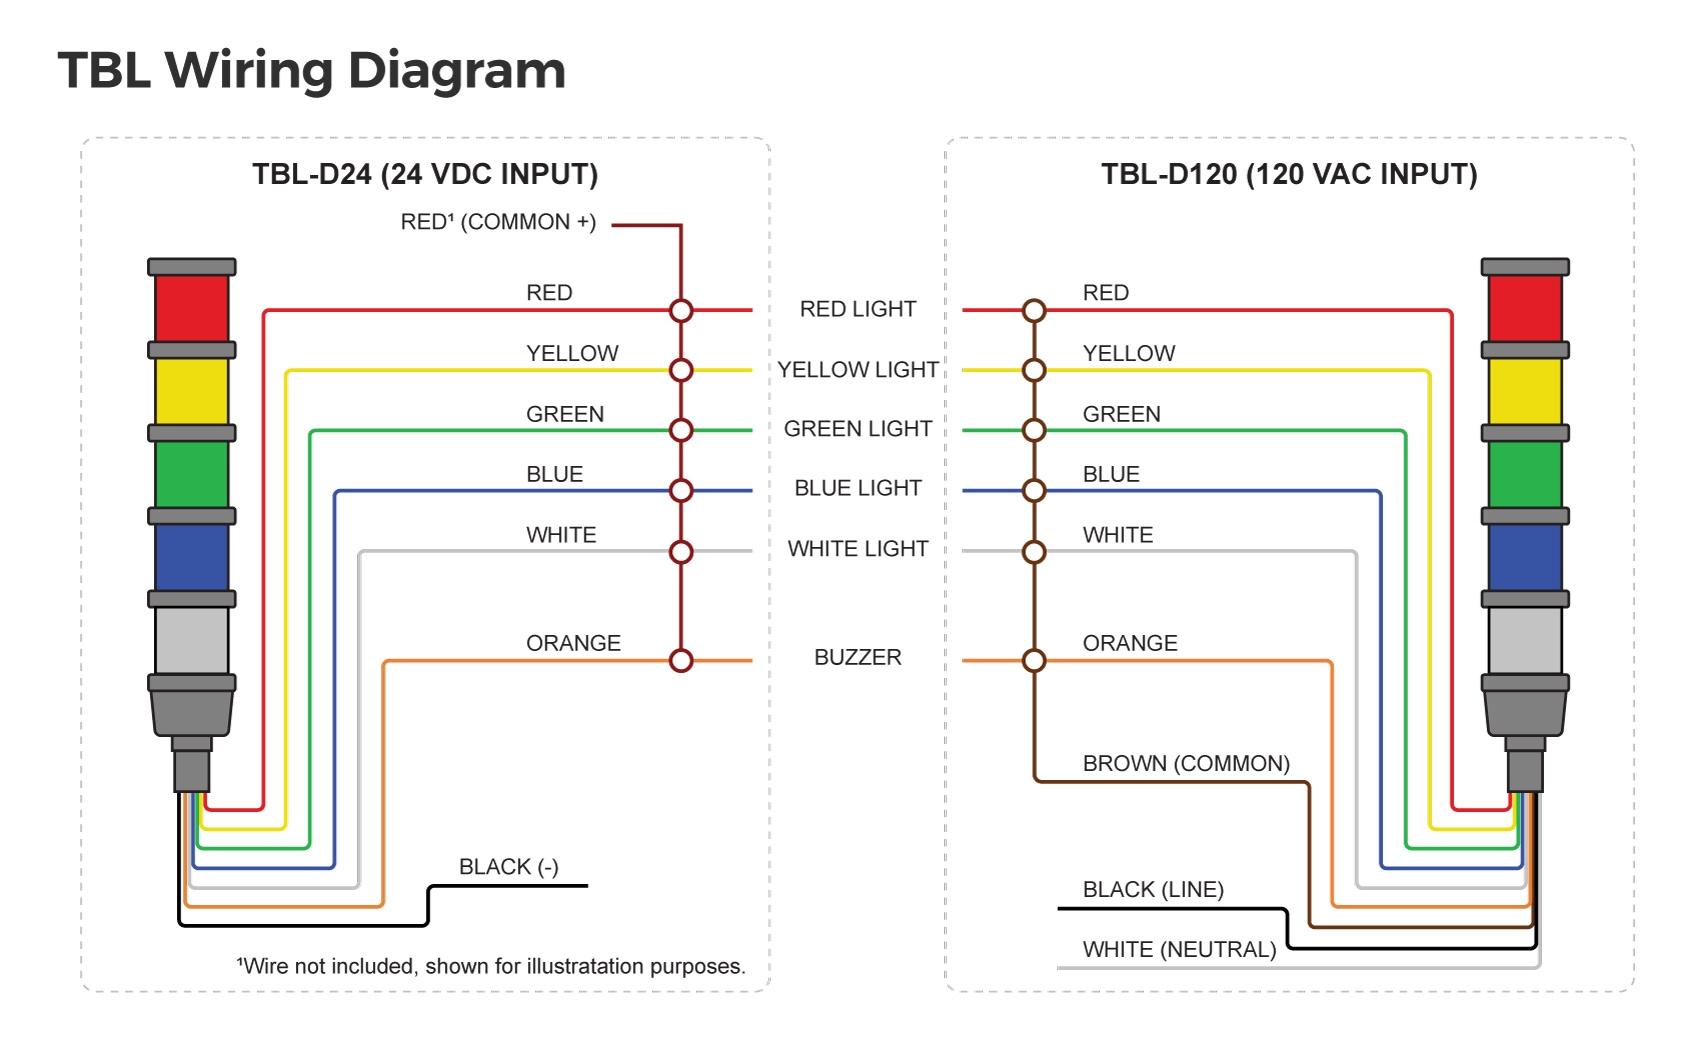 Stack Light Wiring Diagram - 2000 Suzuki Esteem Radio Wiring Diagram -  dvi-d.pump.jeanjaures37.frWiring Diagram Resource